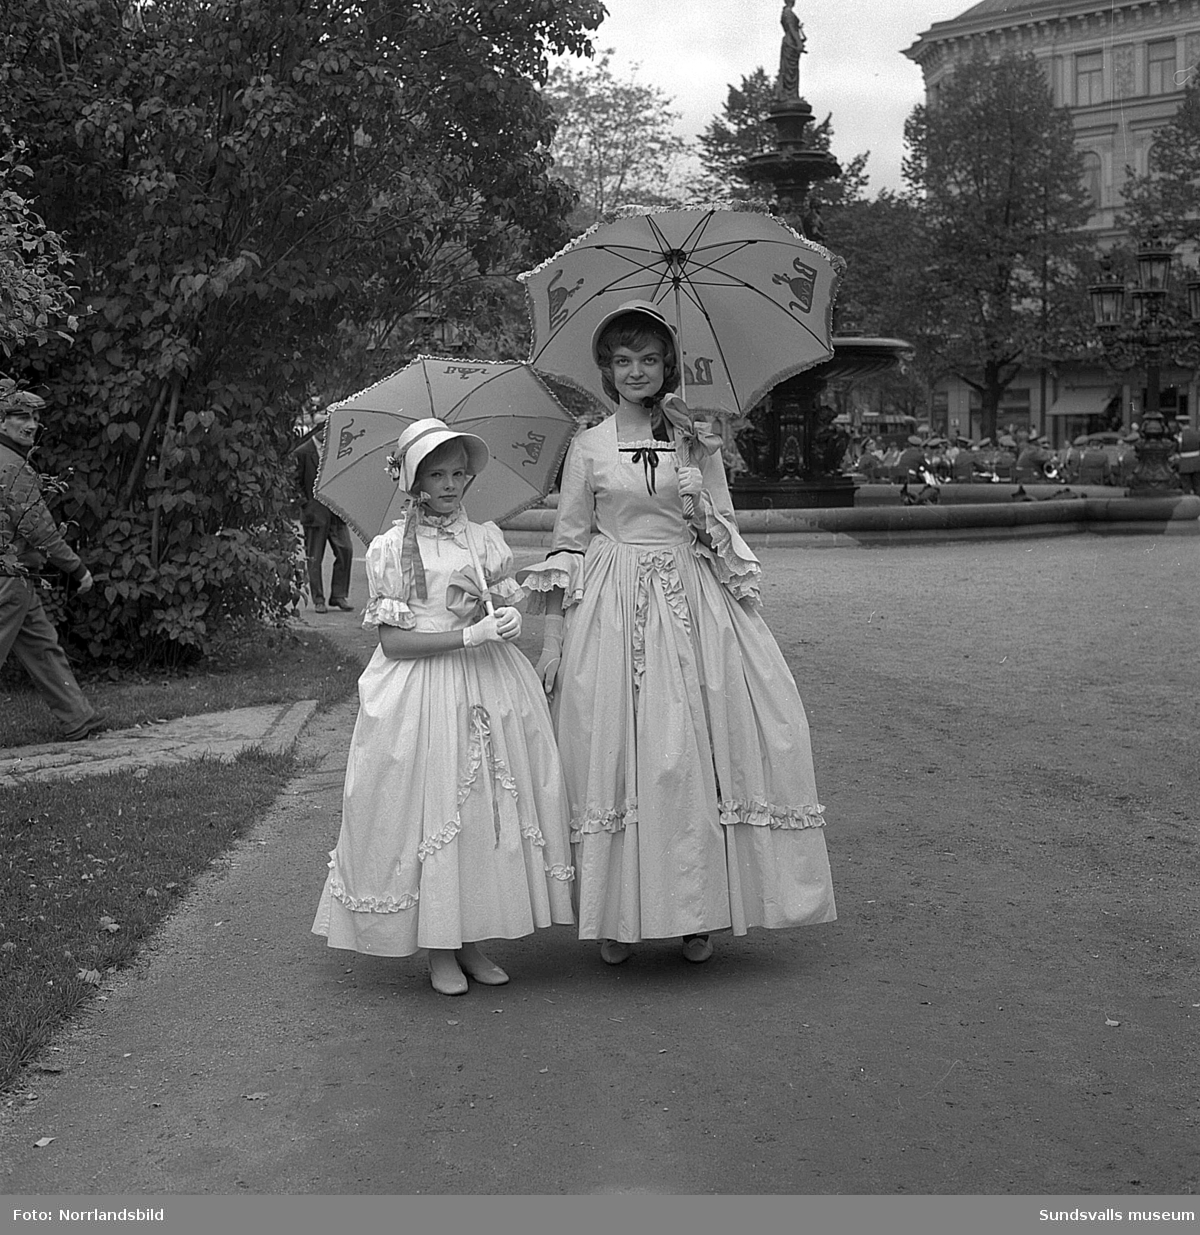 En ung kvinna och en flicka, båda klädda i gammeldags krinolin, gör reklam för Béves klädaffär.